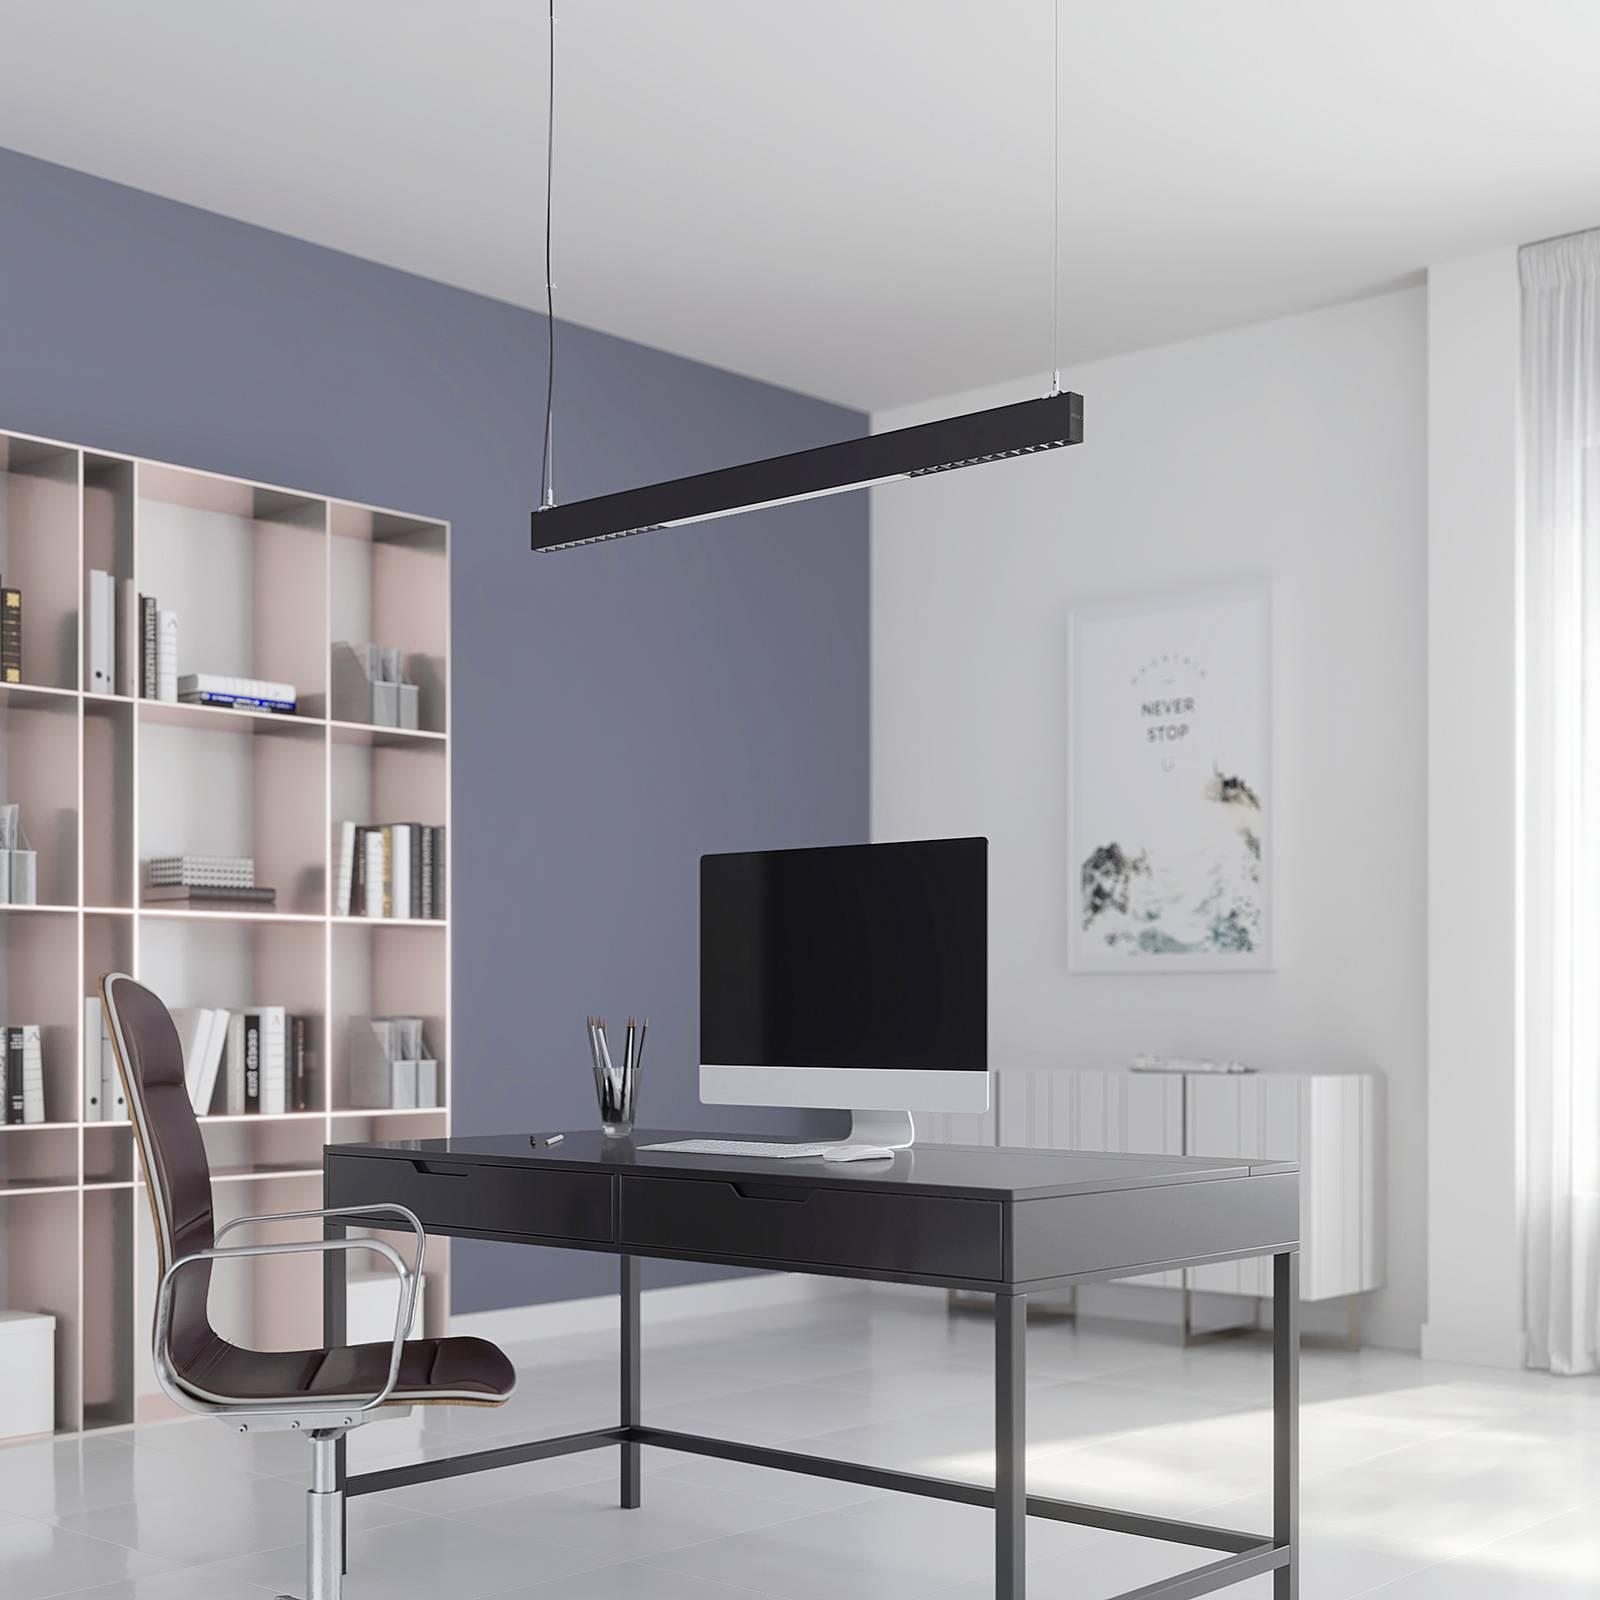 Arcchio Ingura-LED-riippuvalaisin toimistoon hopea